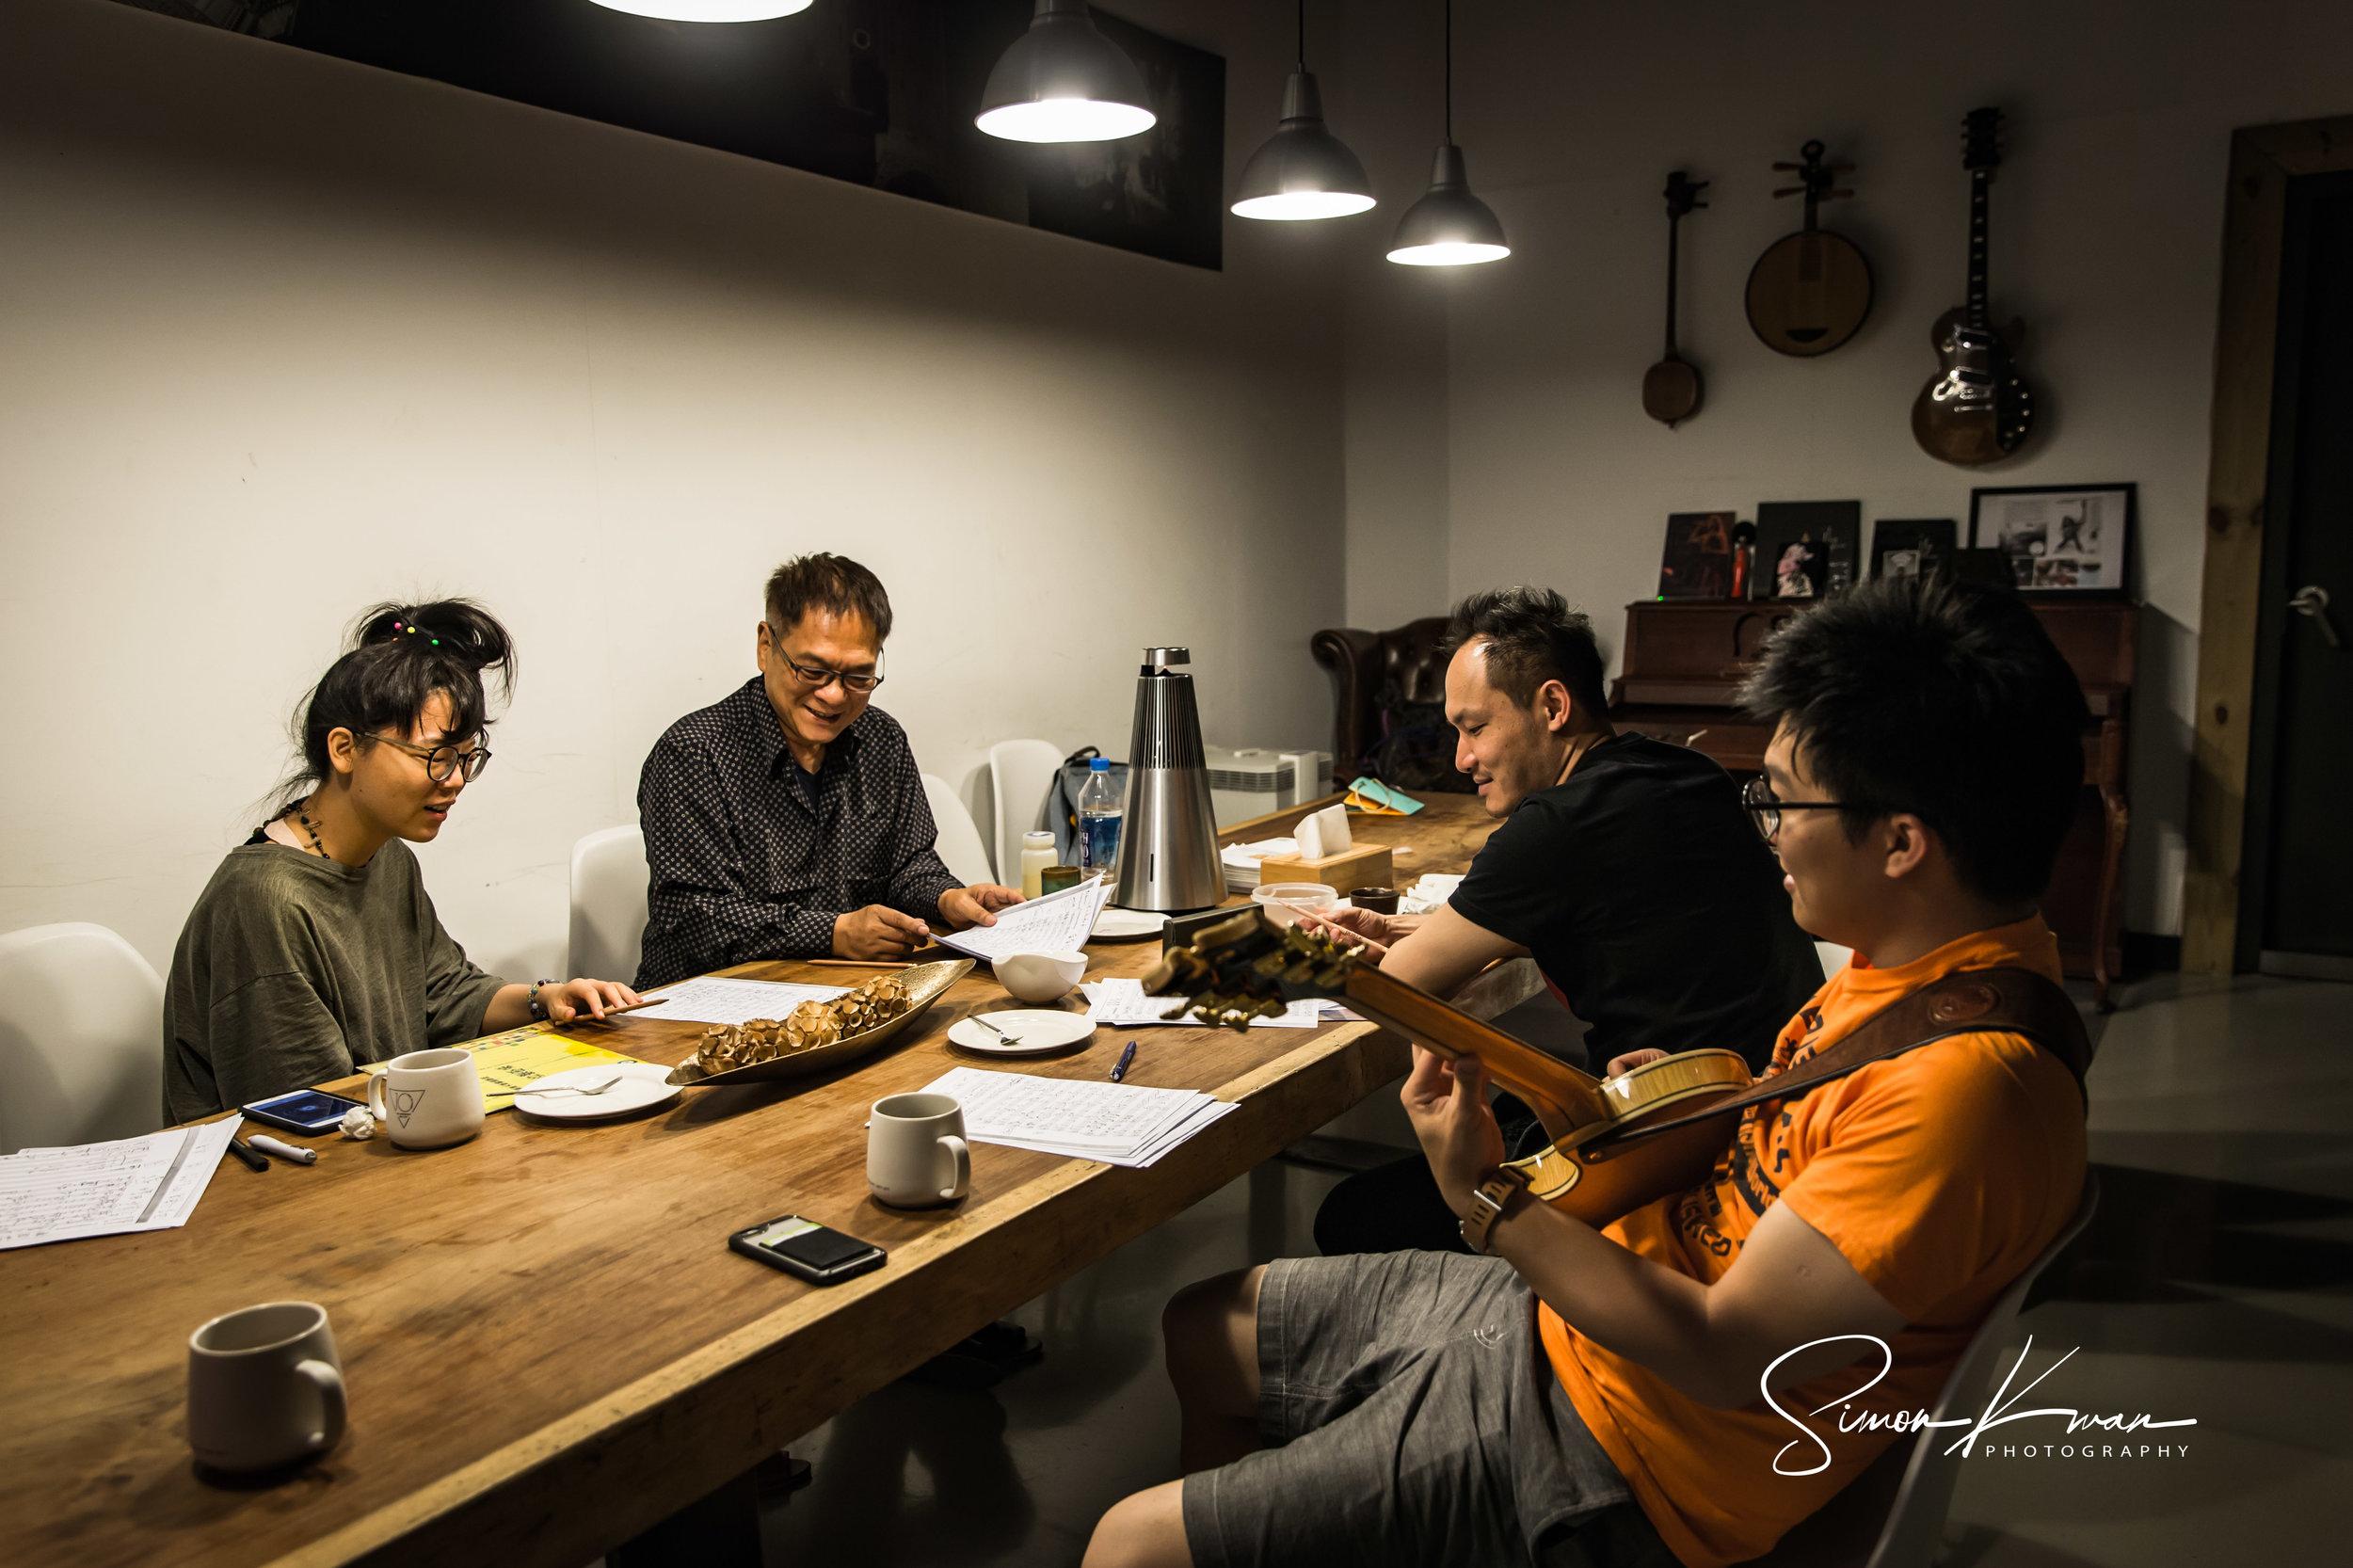 Album Recording Session Day 1 - Nine Tai Studio, Taipei22nd July, 2018